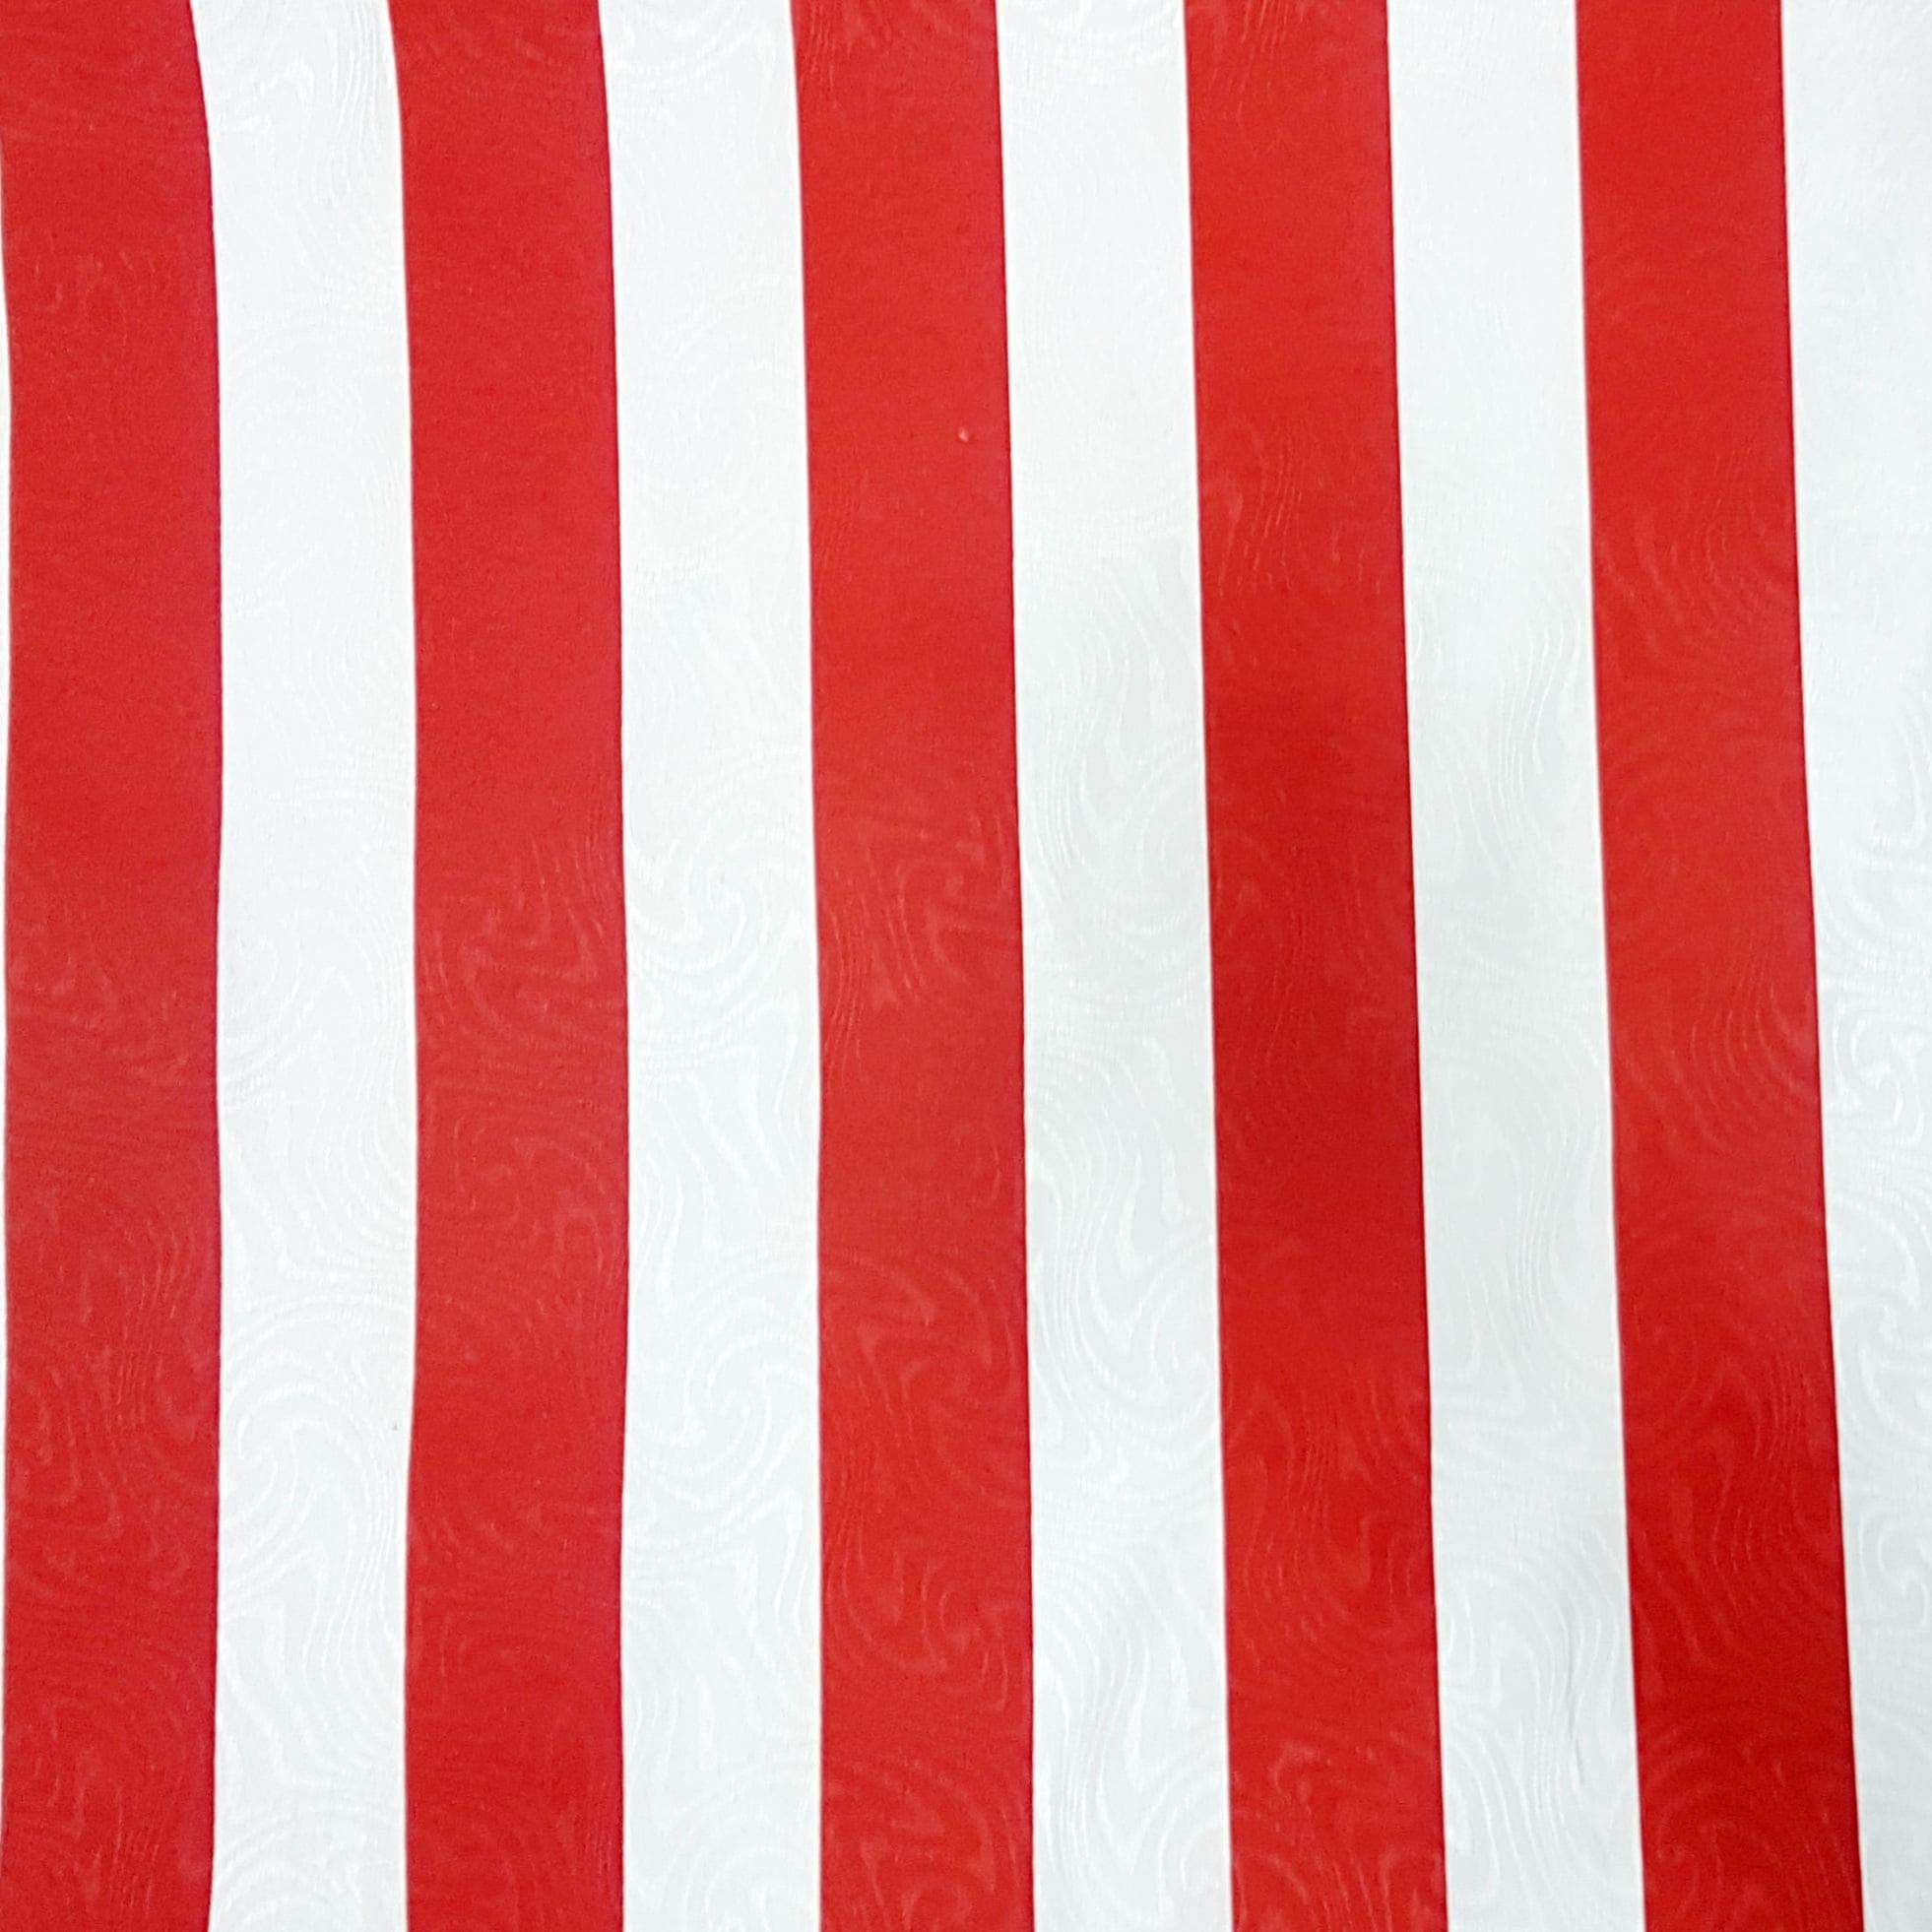 Tecido Jacquard Listrado Vermelho e Branco - 1.40m de Largura